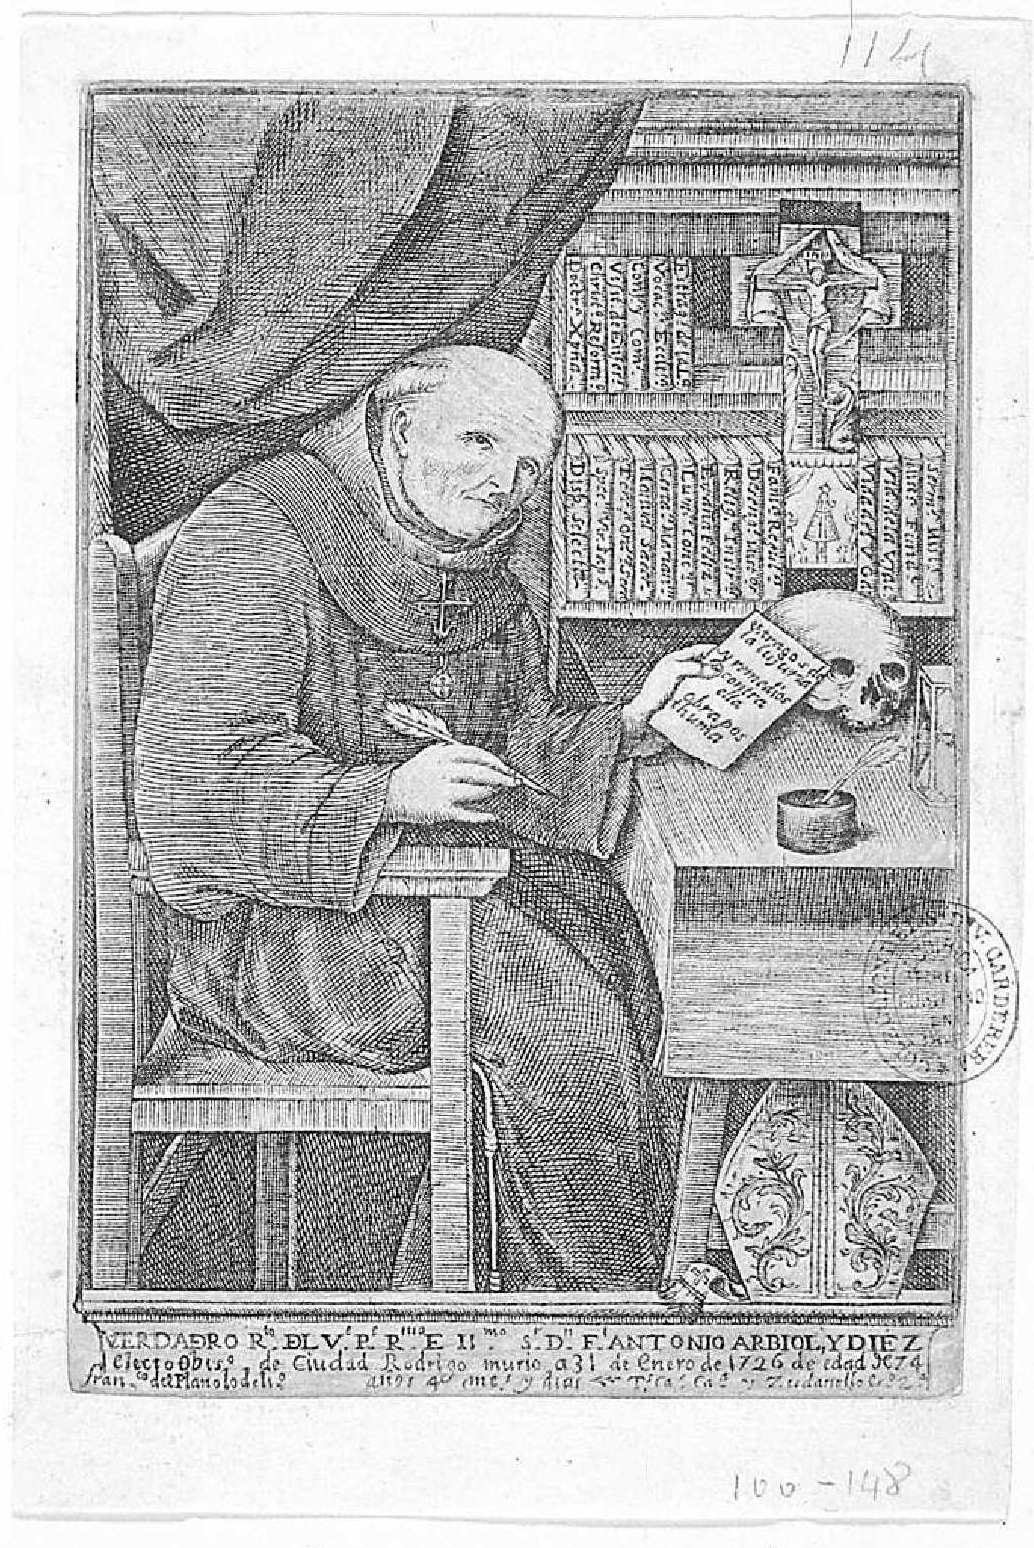 LA FAMILIA REGULADA - R.P. Fr Antonio Arbiol (1715) Francisco_zudanel-Retrato_de_Antonio_Arbiol